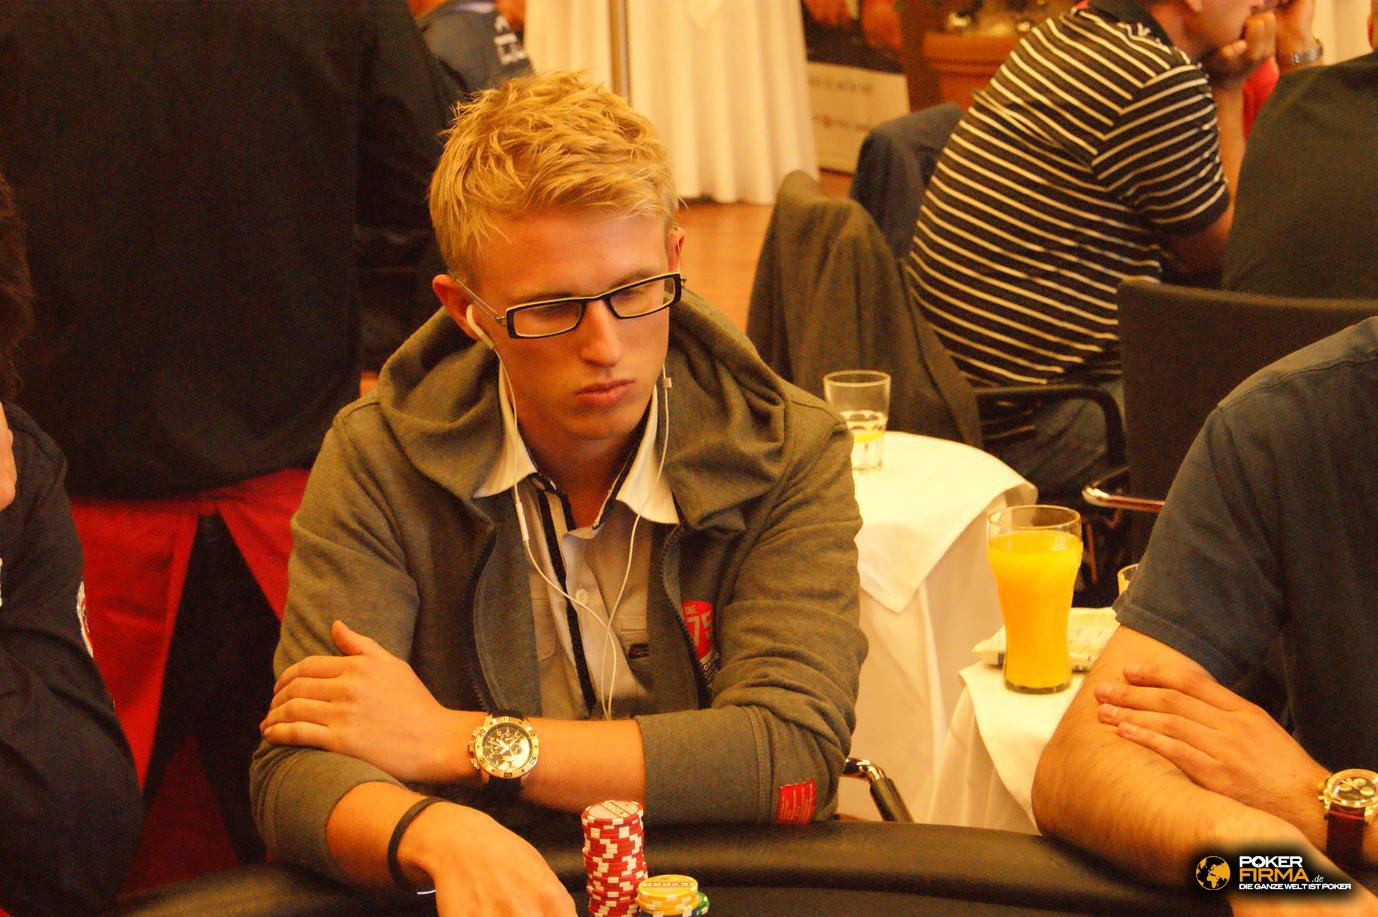 CAPT_Velden_300_NLH_14072012_Felix_Moosbrugger.JPG